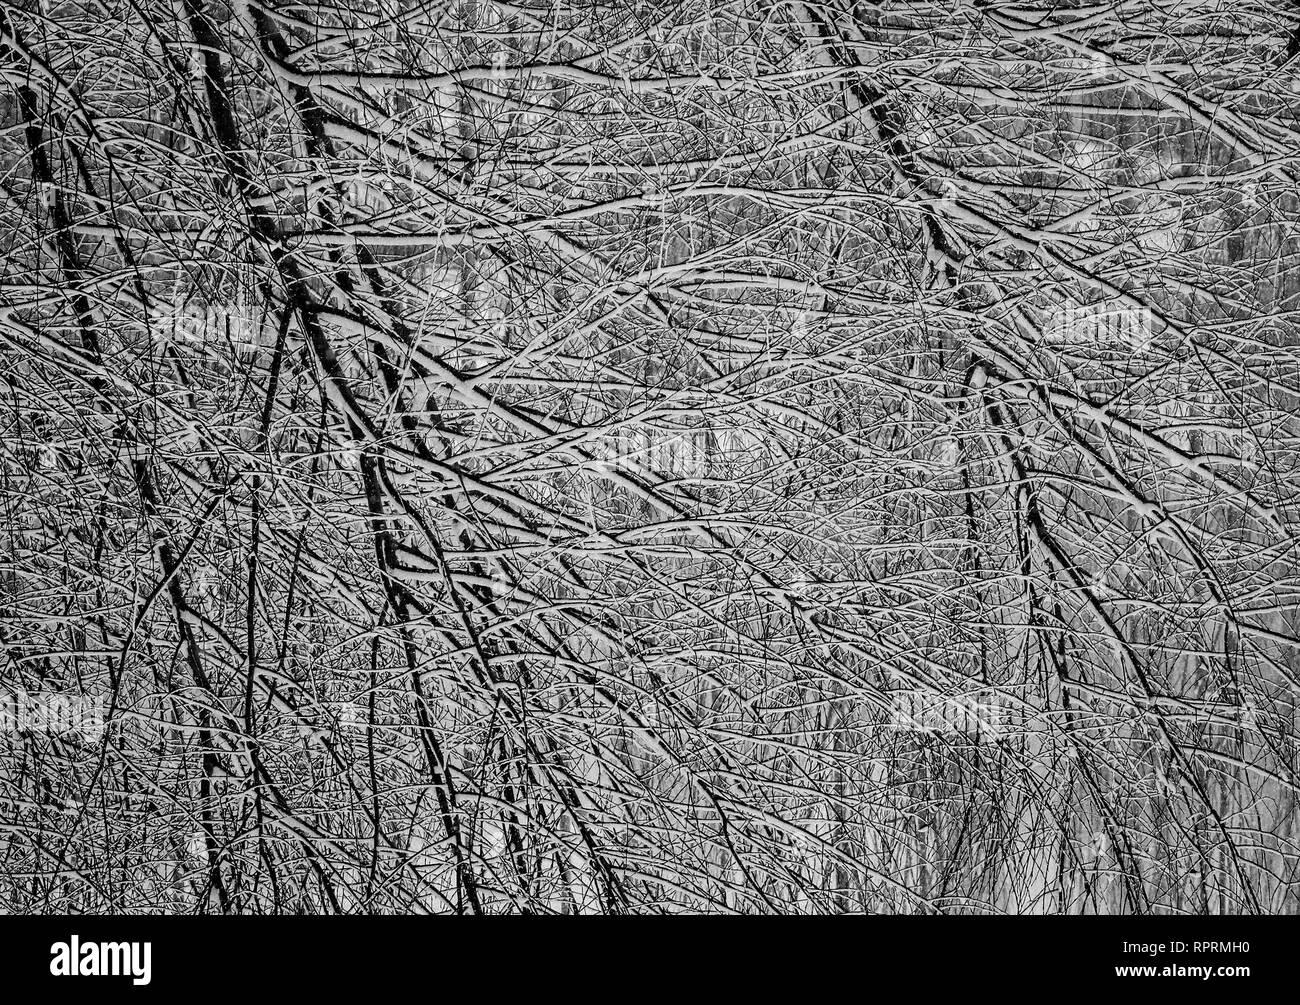 Ramas de árbol abstracto - Fotografía Artística Foto de stock